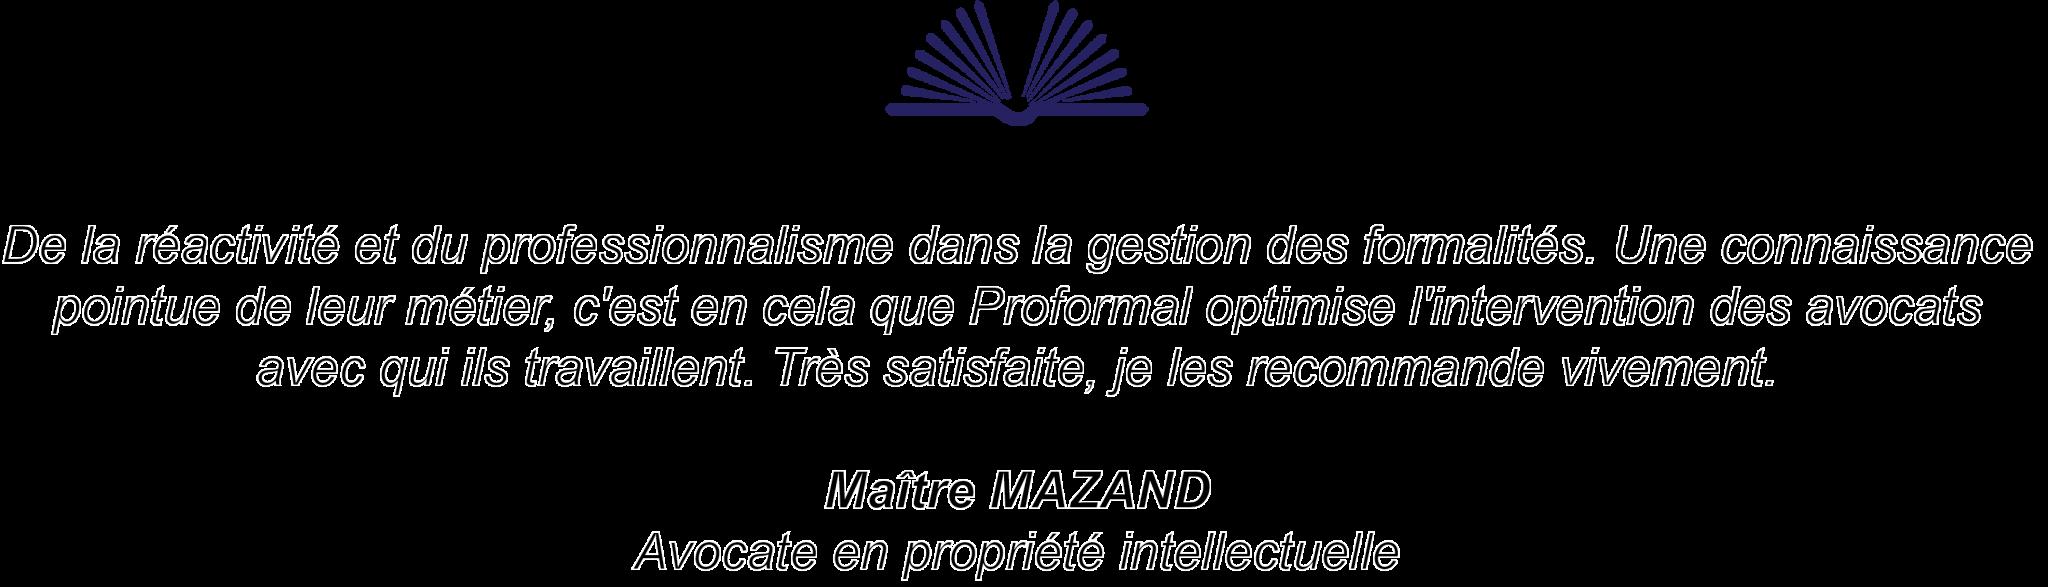 témoignage de maître Mazand